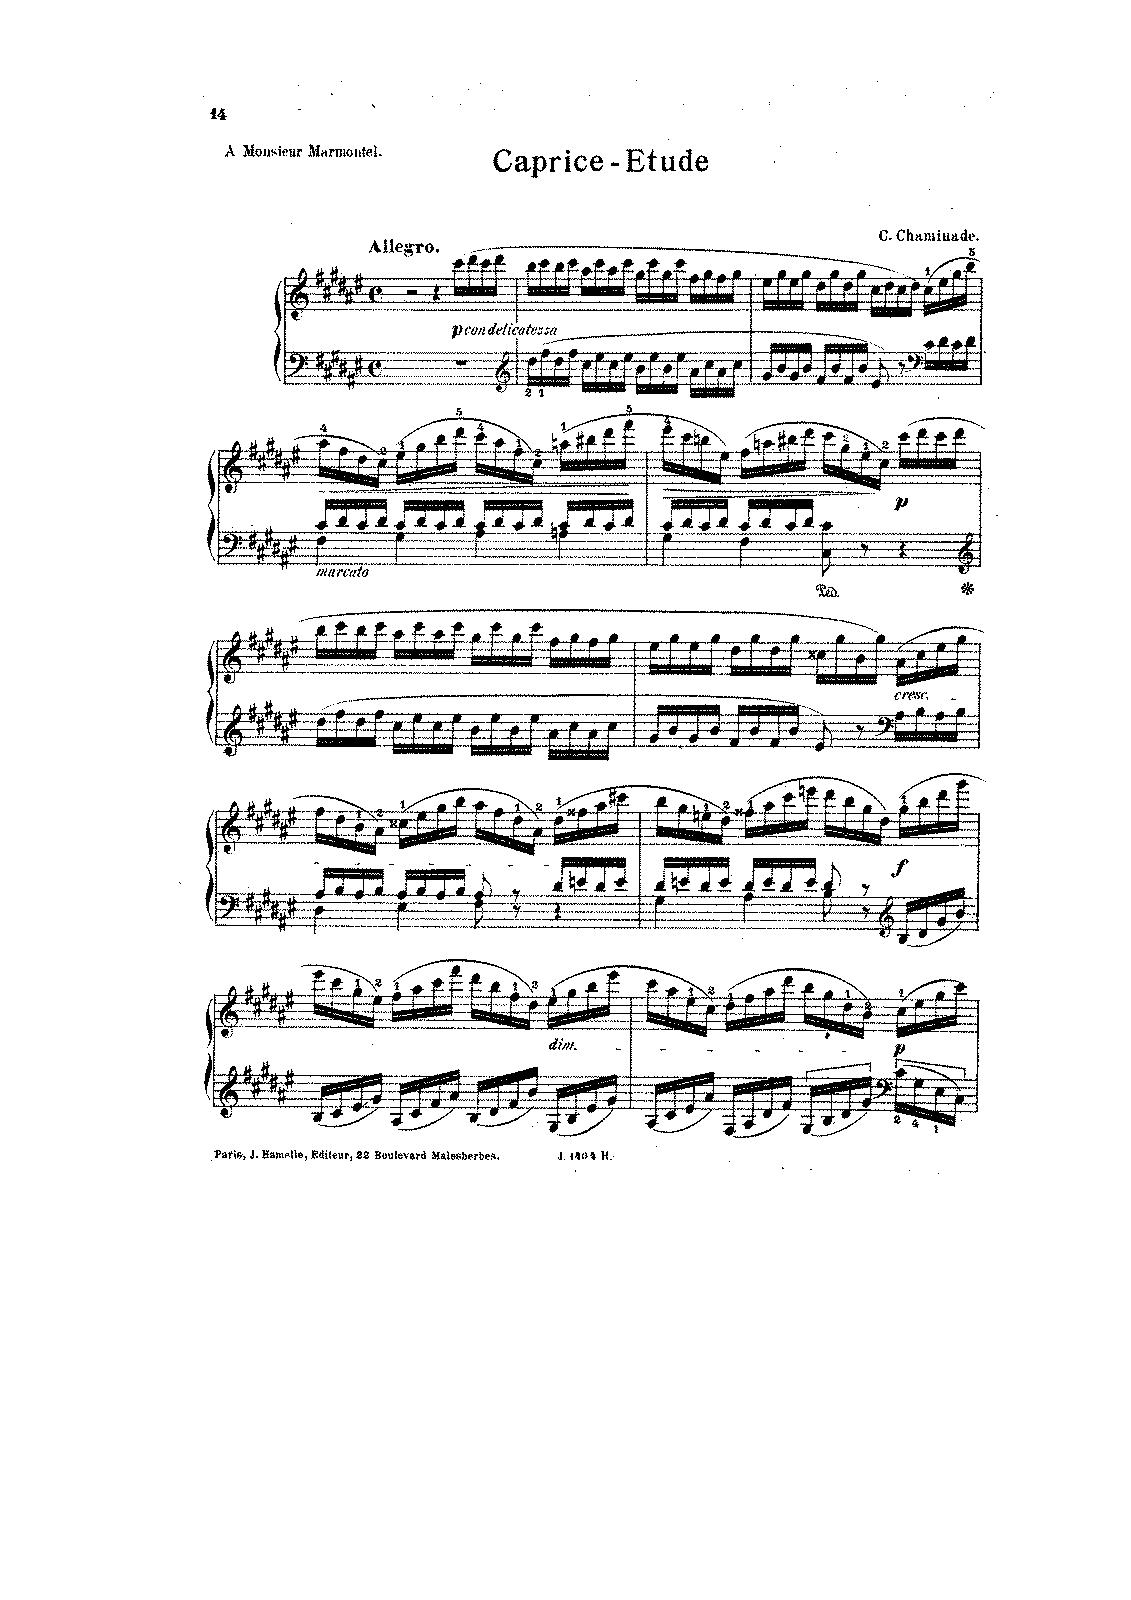 6 Études artistiques, Op 4 (Chaminade, Cécile) - IMSLP